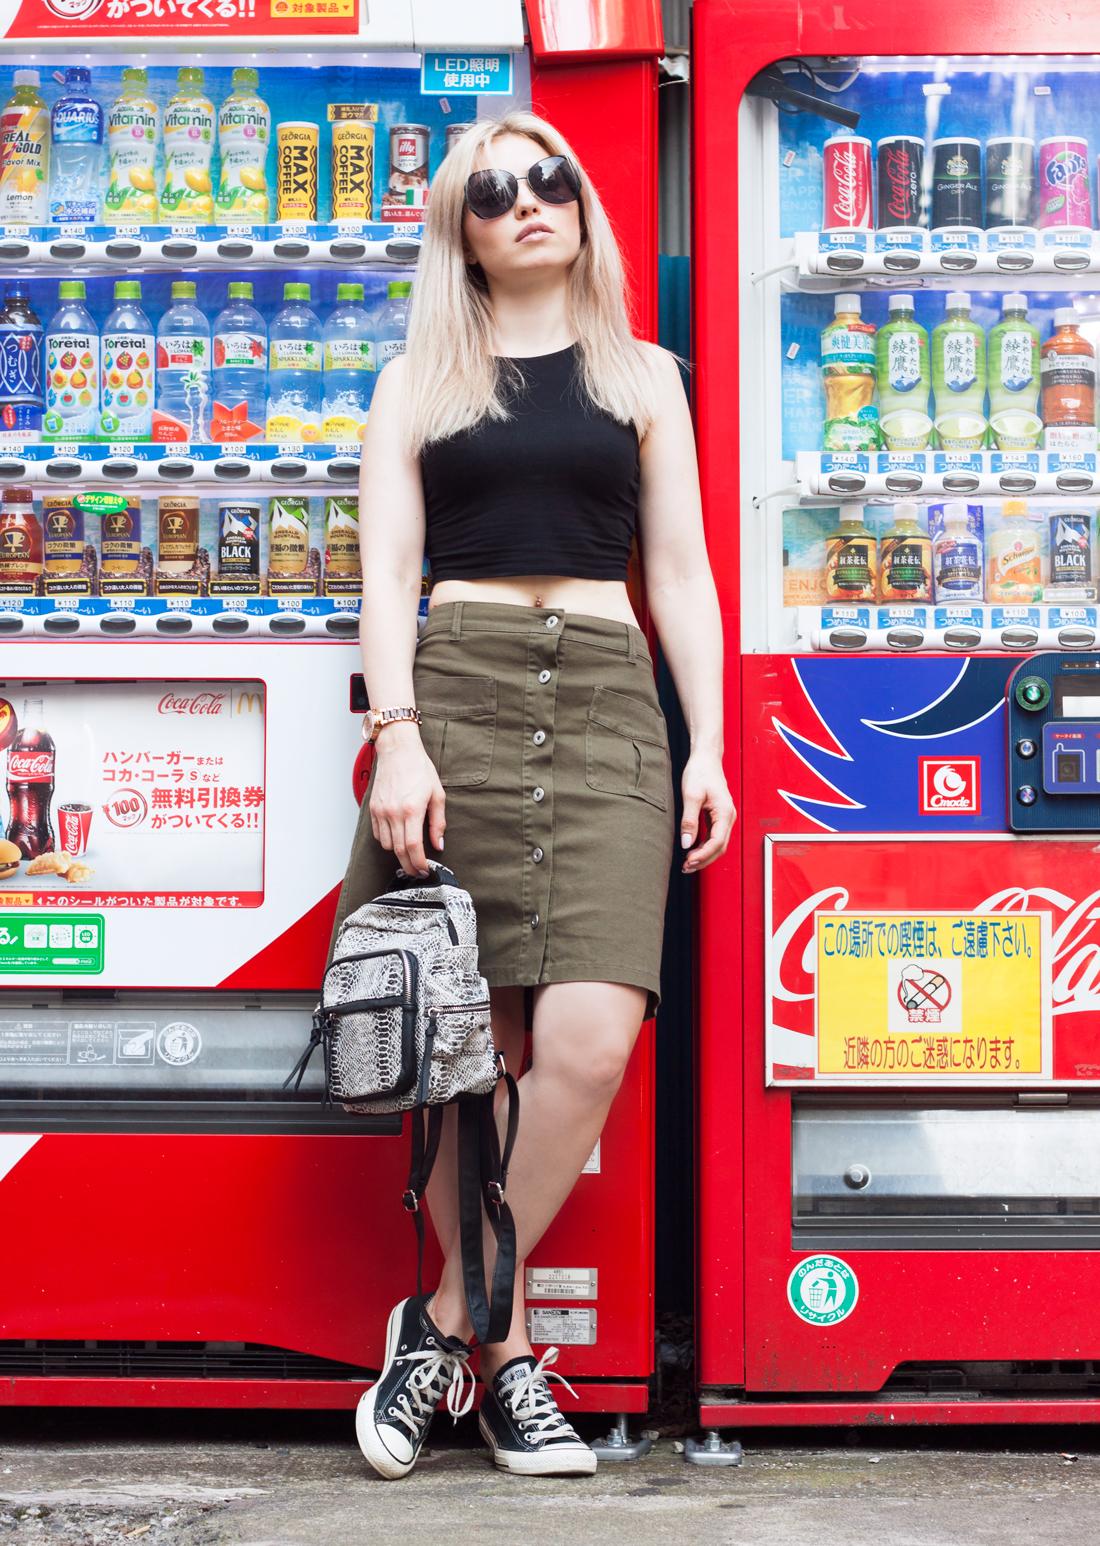 jinbocho tokyo, japan, vending machine tokyo, sightseeeing tokyo, tokyo sumer, tokyo fashion, buttondown skirt, tokyo streets